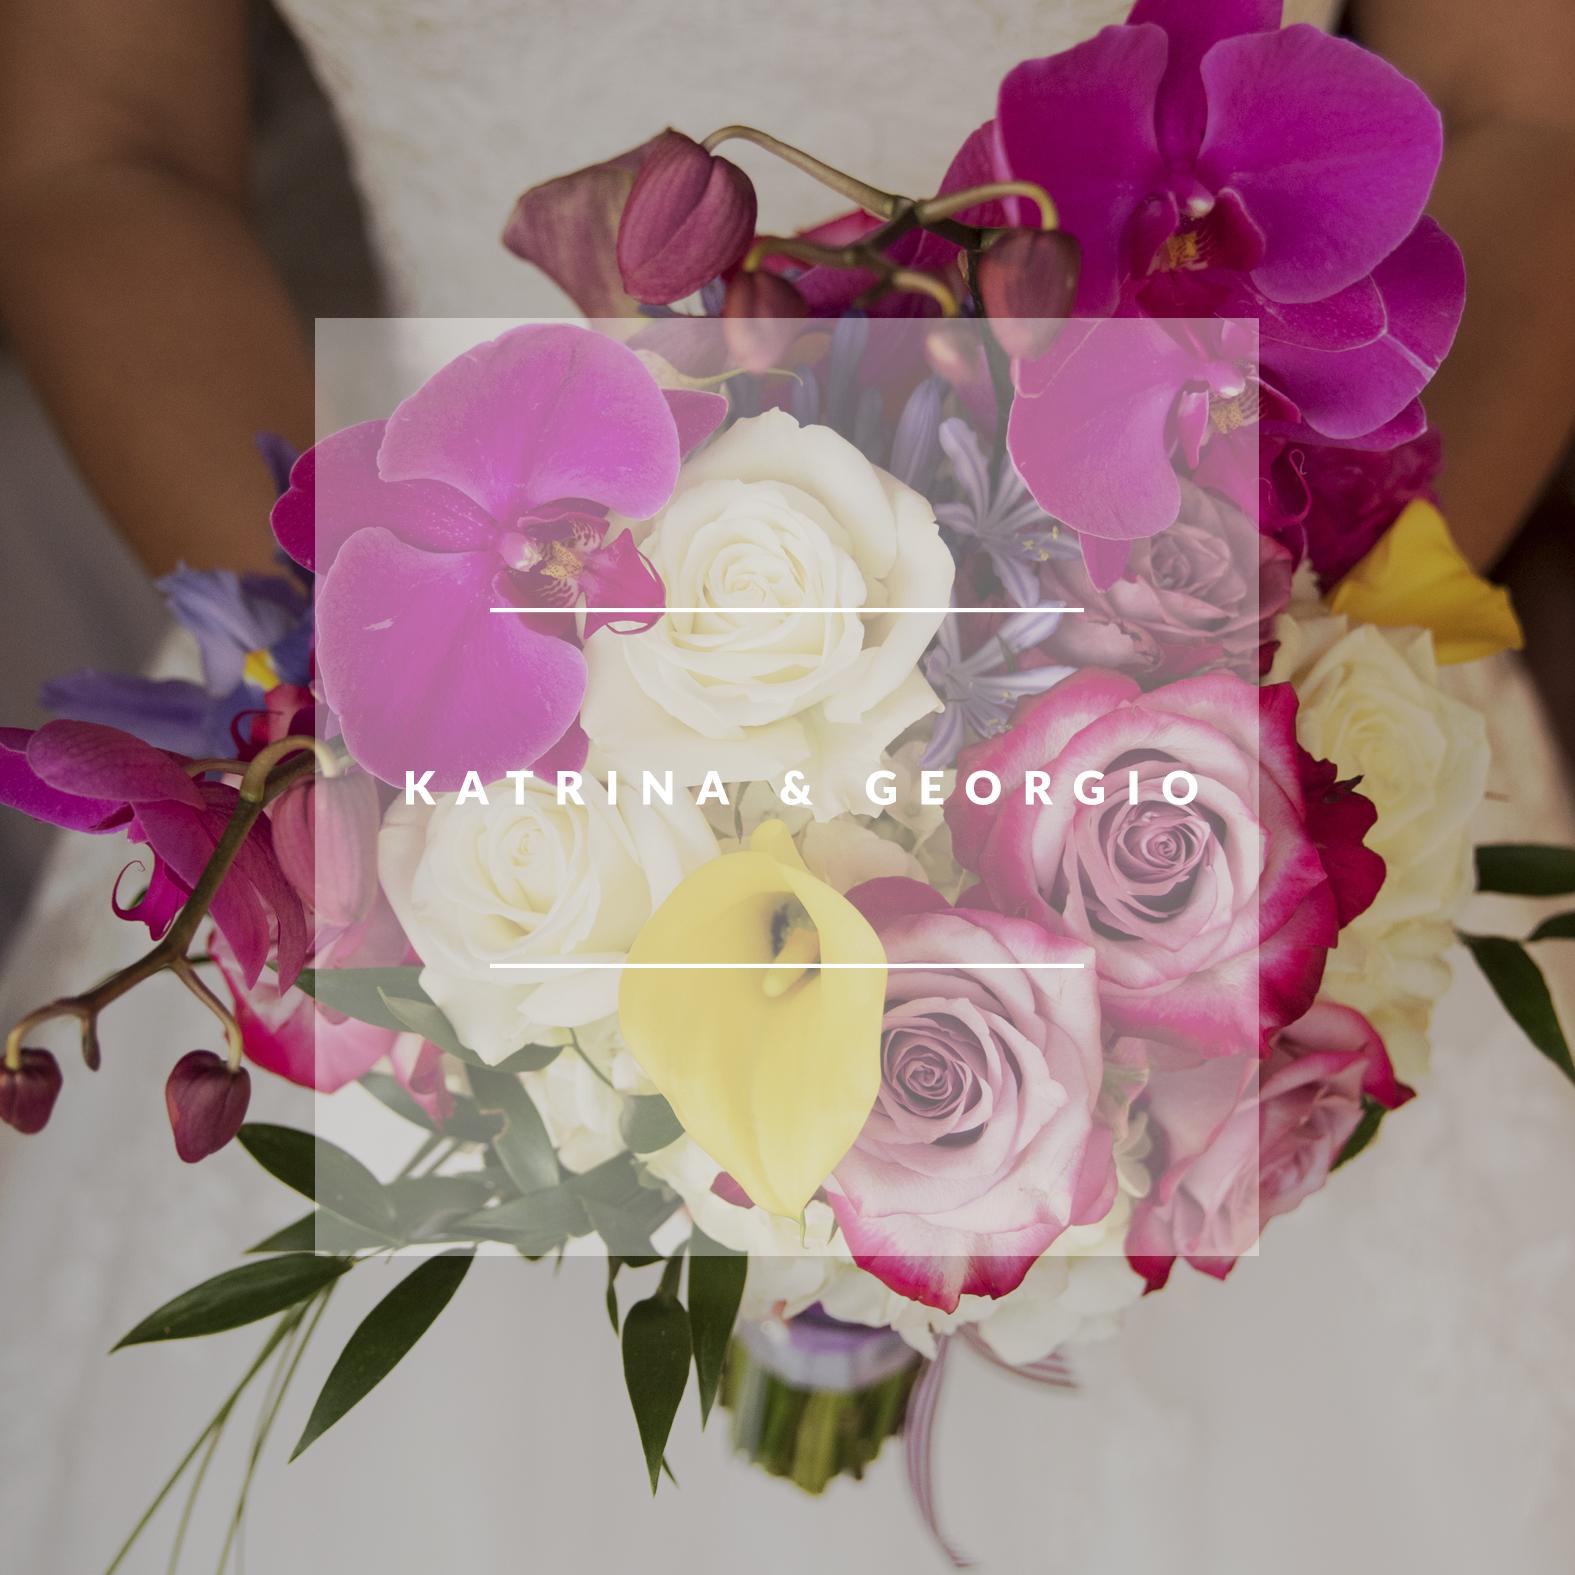 Cover_KatrinaGeorgio_2.jpg